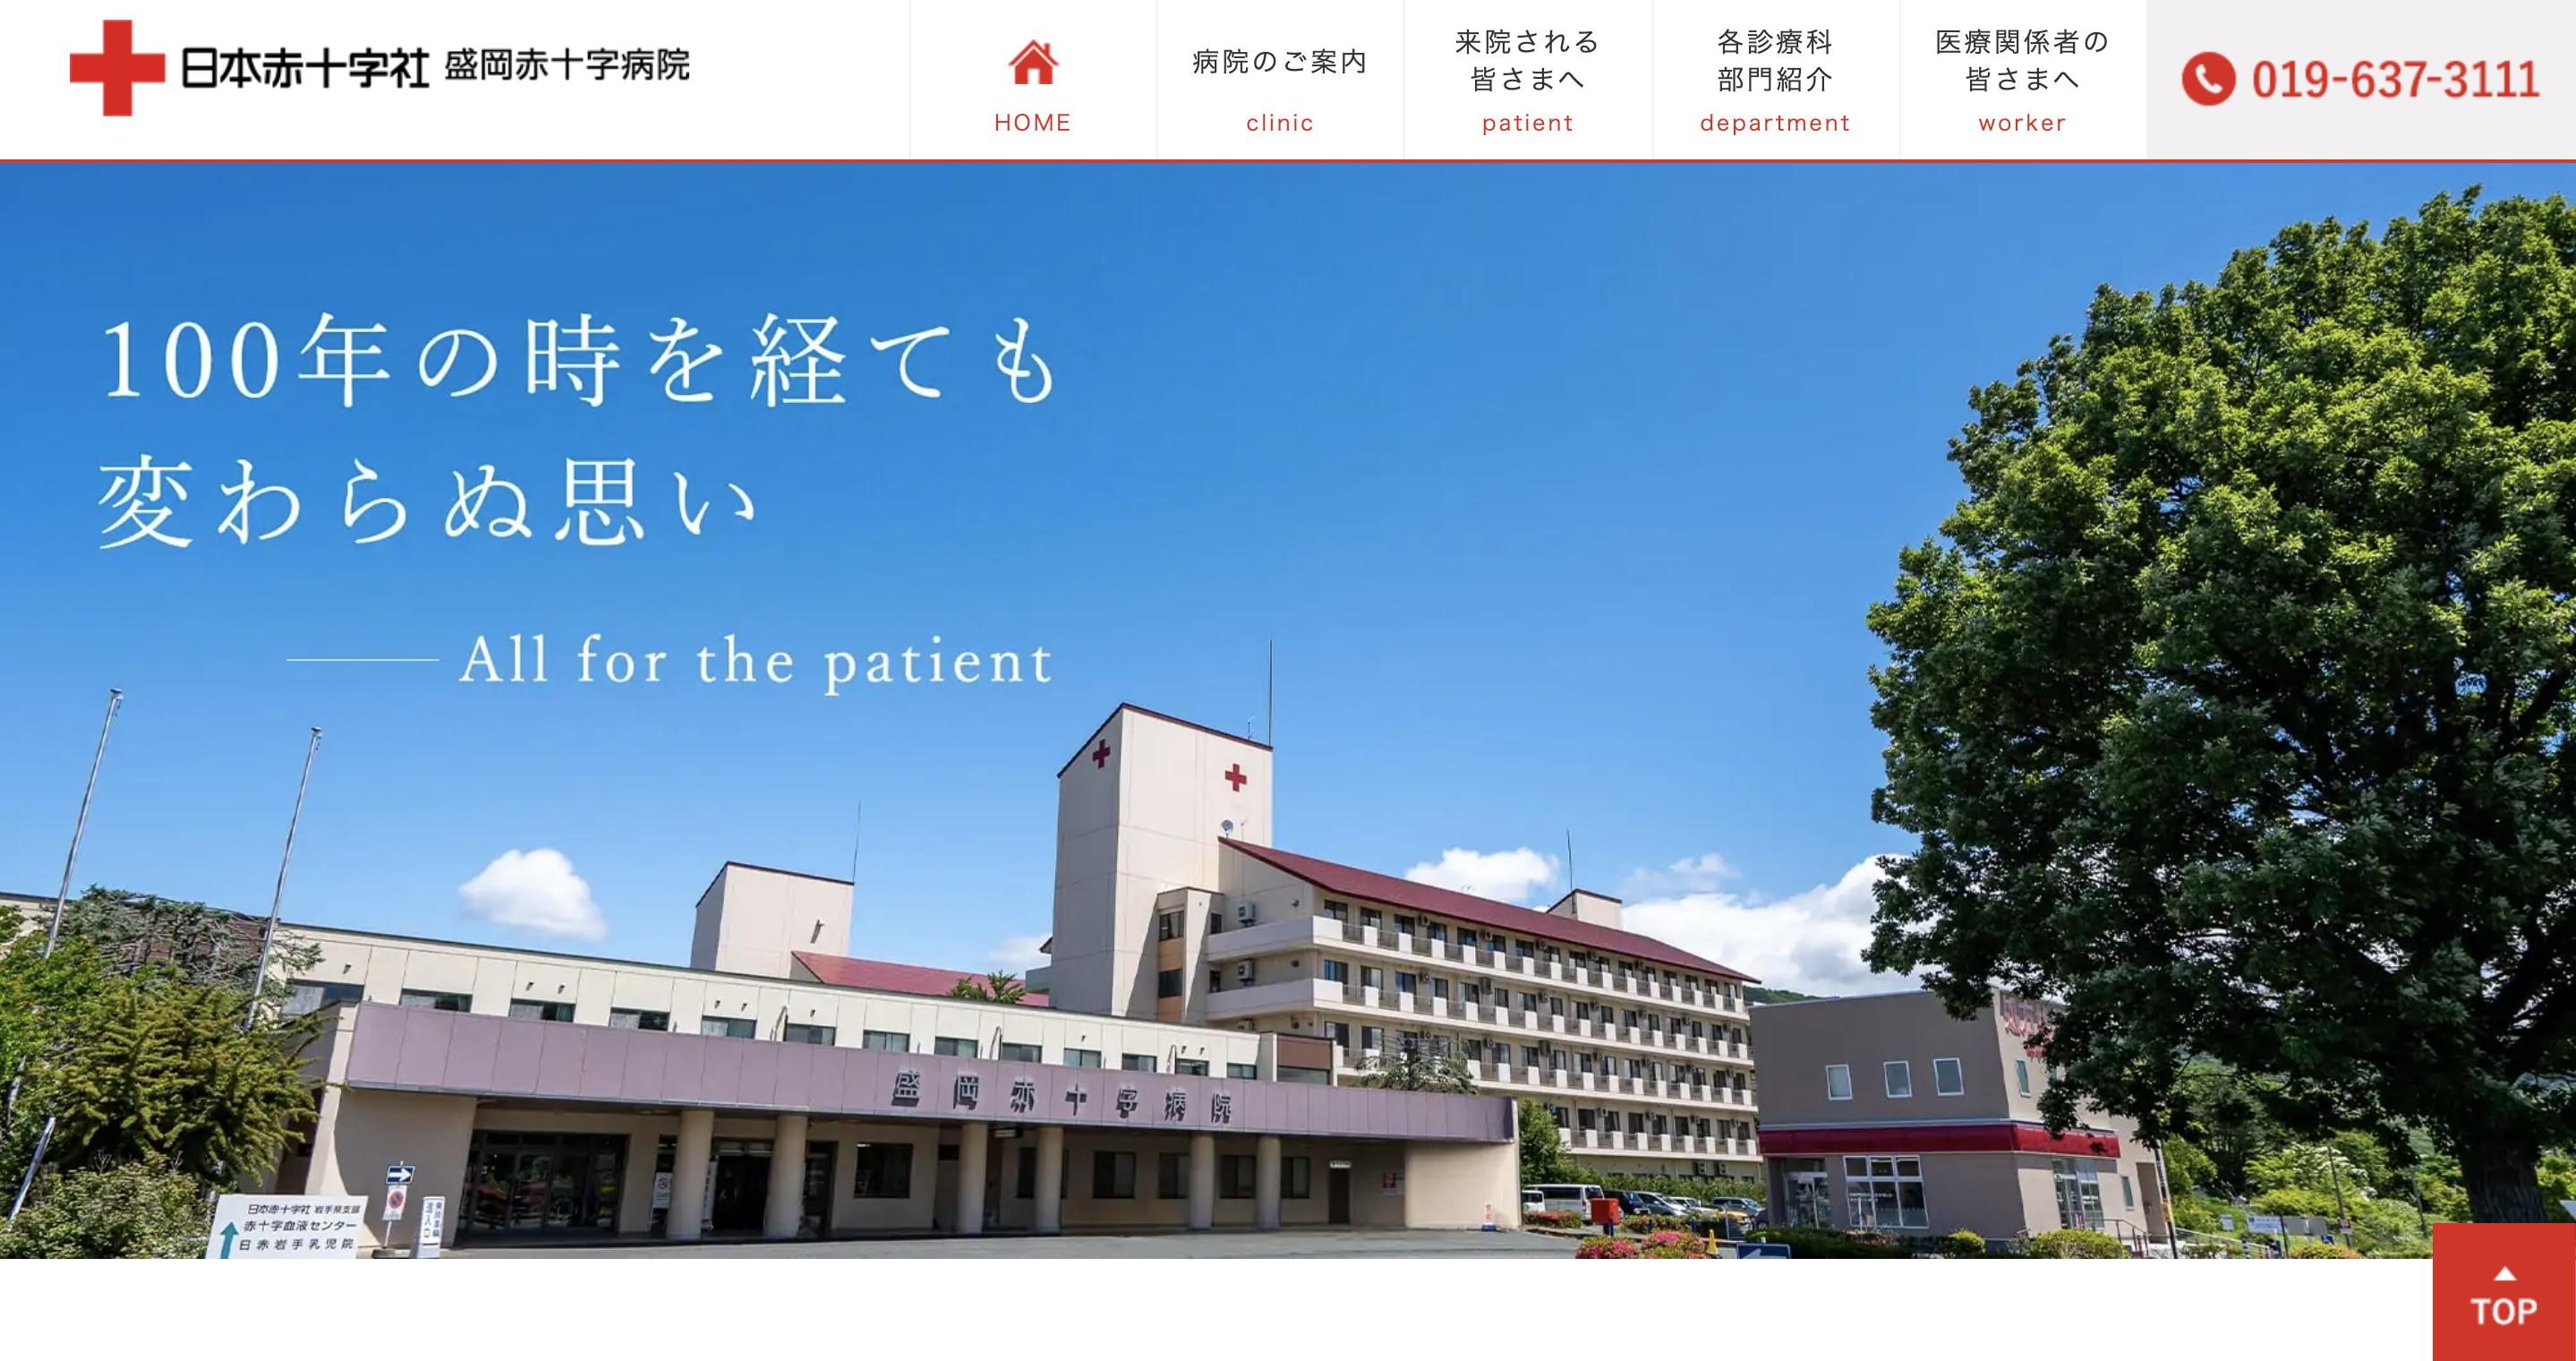 盛岡赤十字病院様のホームページリニューアル事例|岩手のHP制作会社